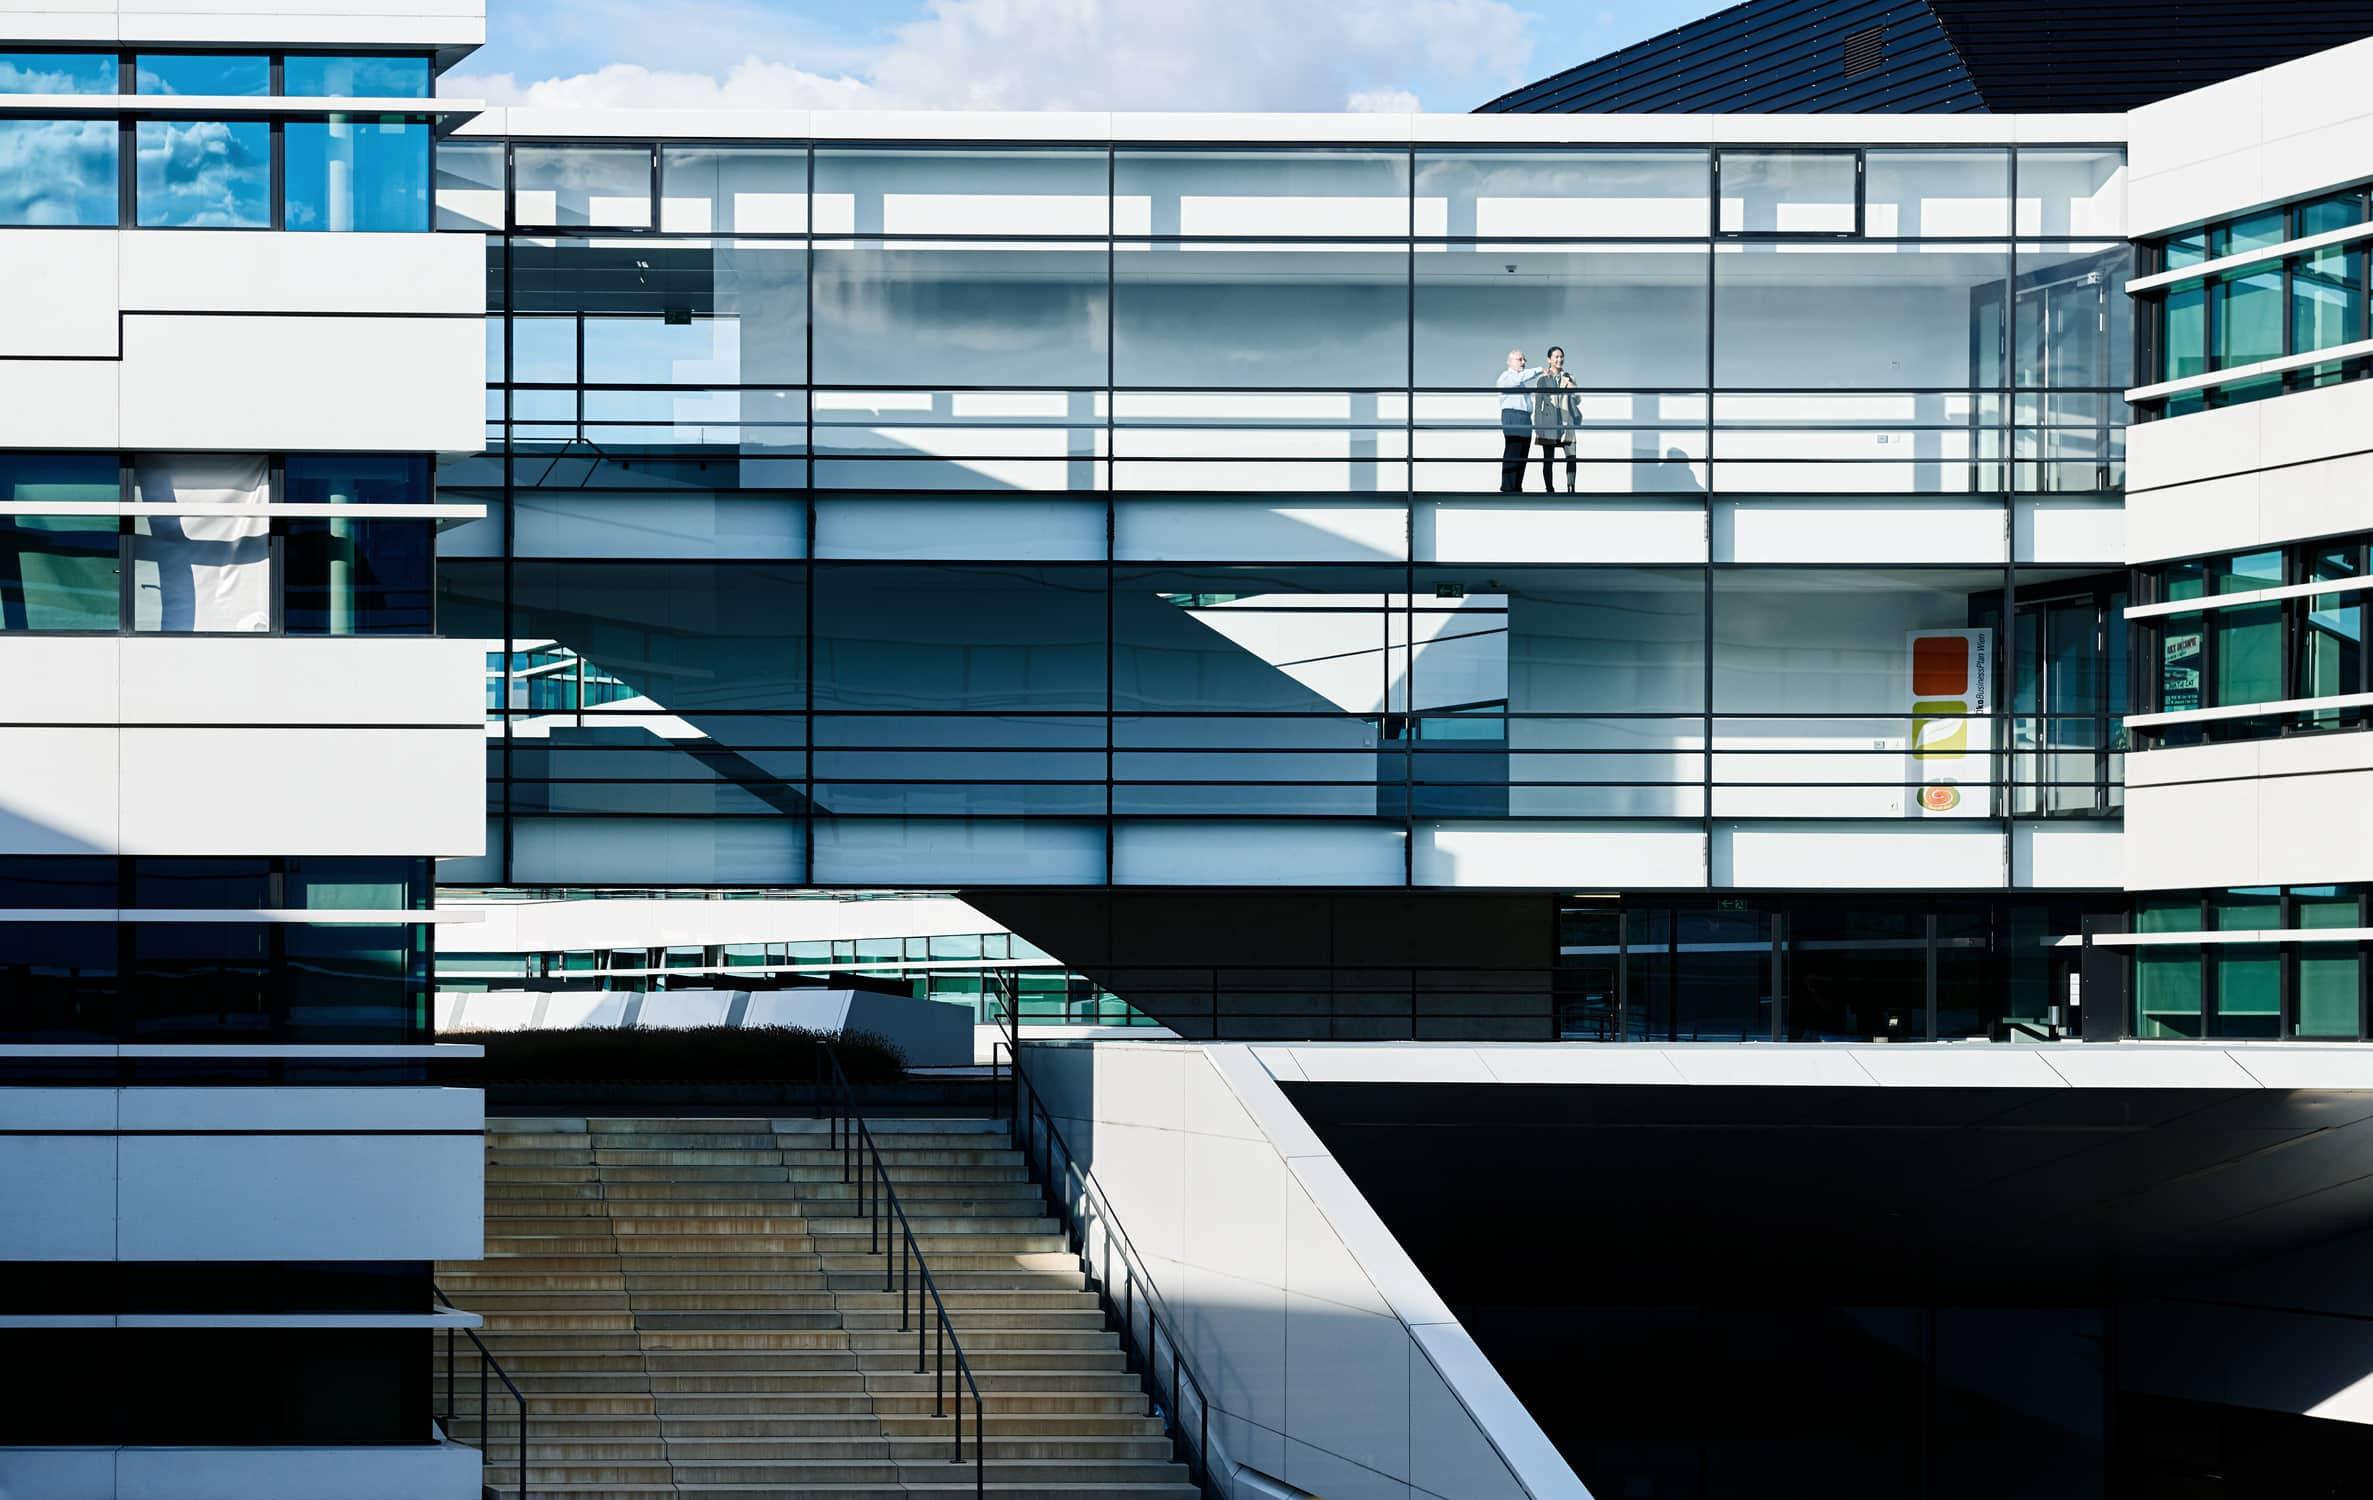 Modernes Universitätsgebäude von außen mit in der Ferne stehenden Menschen